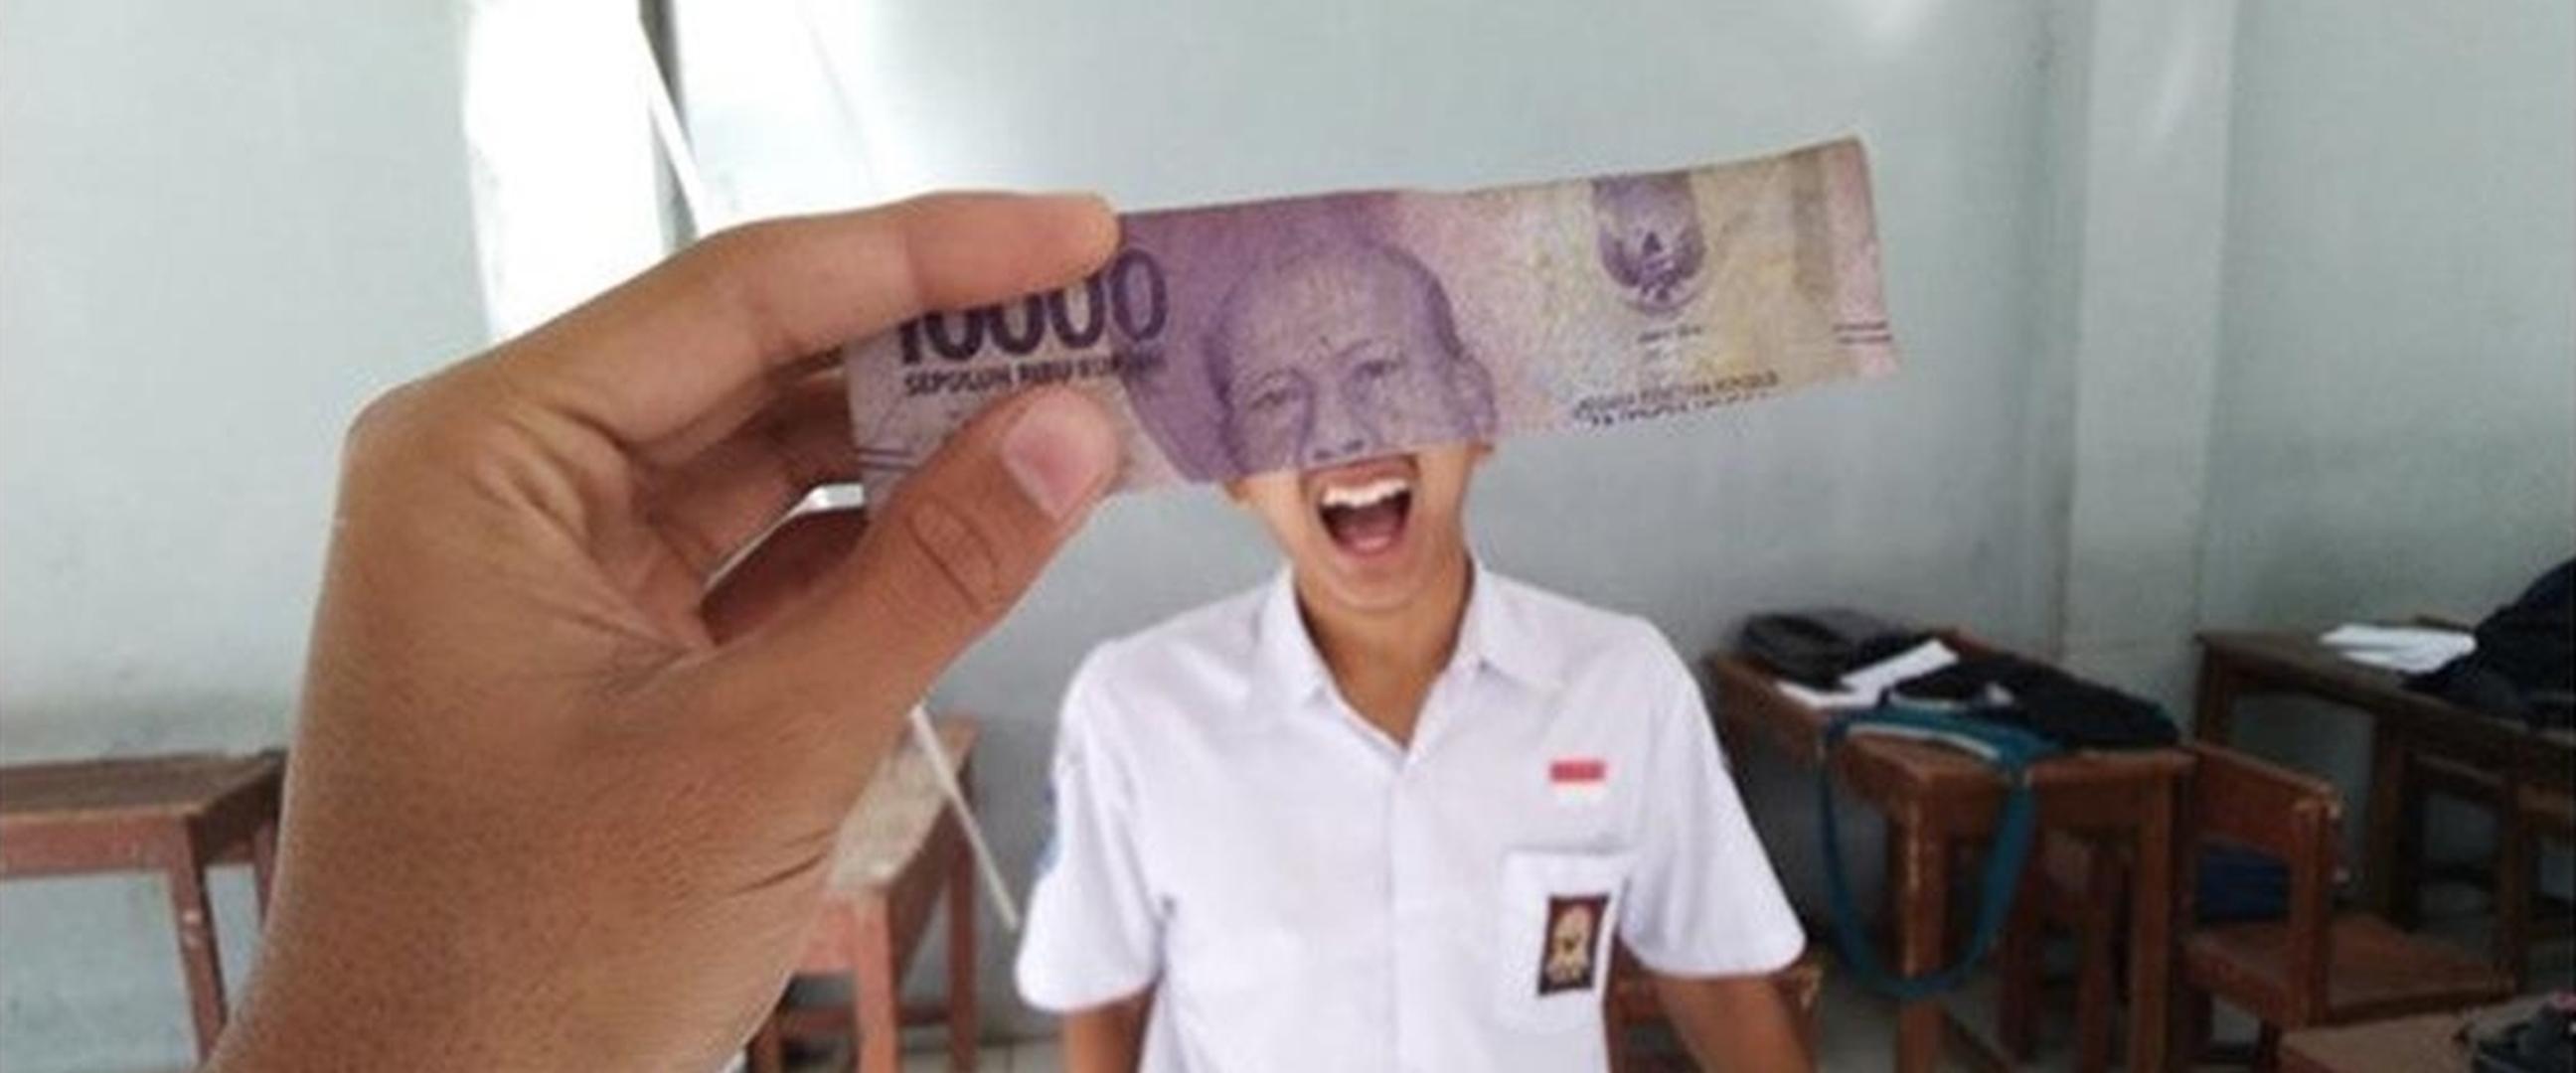 6 Potret lucu gabungan wajah orang dan uang kertas ini kocak abis